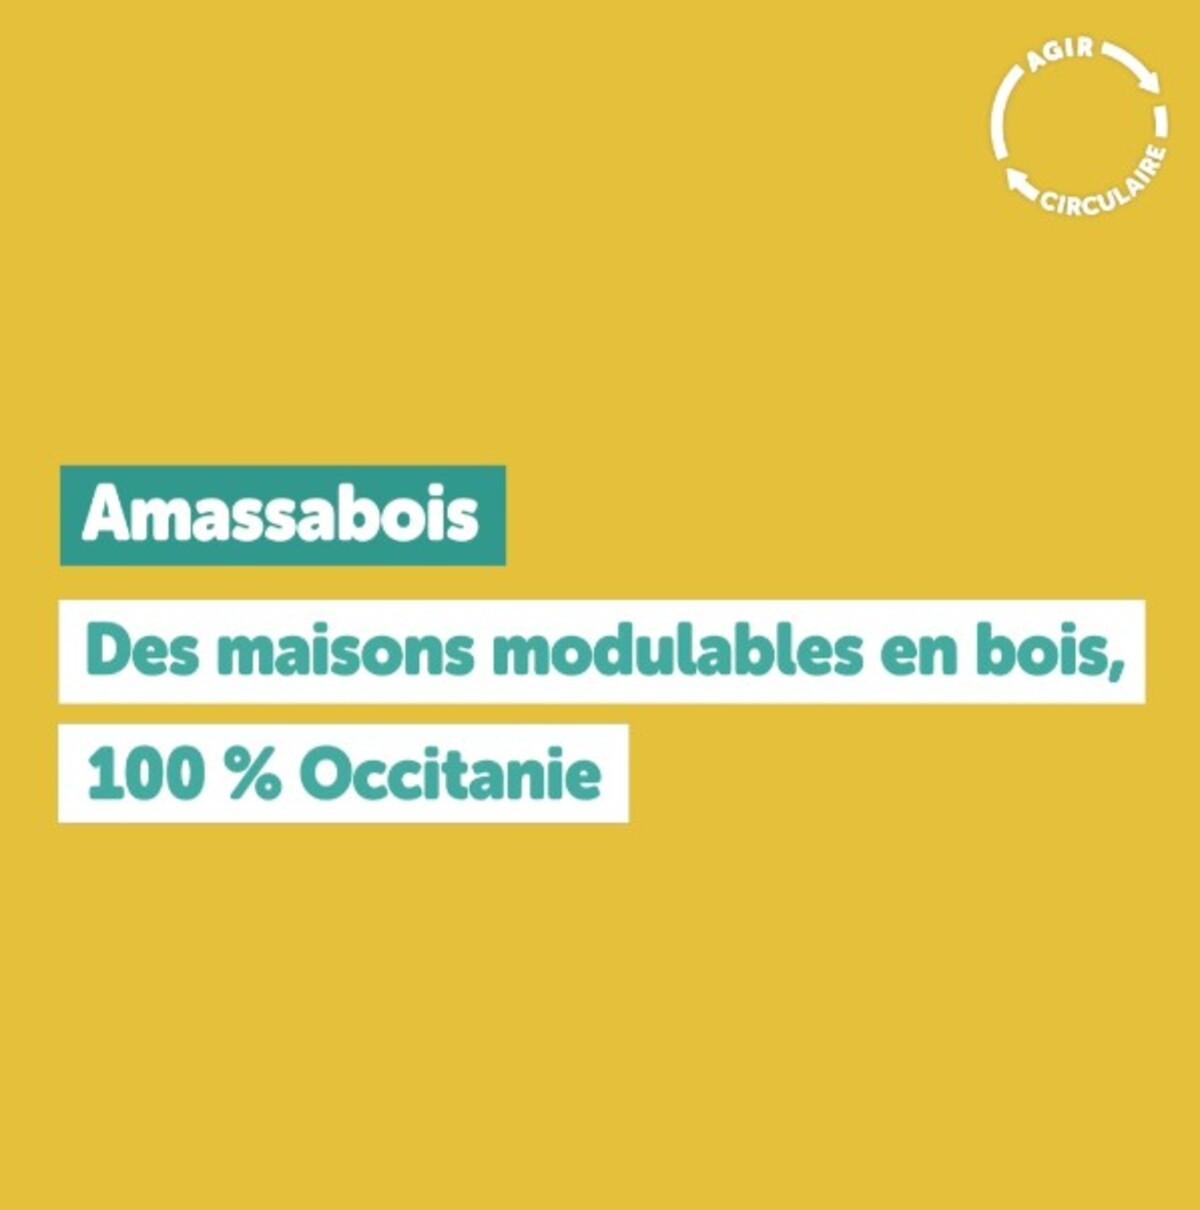 Web série AGIR CIRCULAIRE - Ep 8 - Amassabois